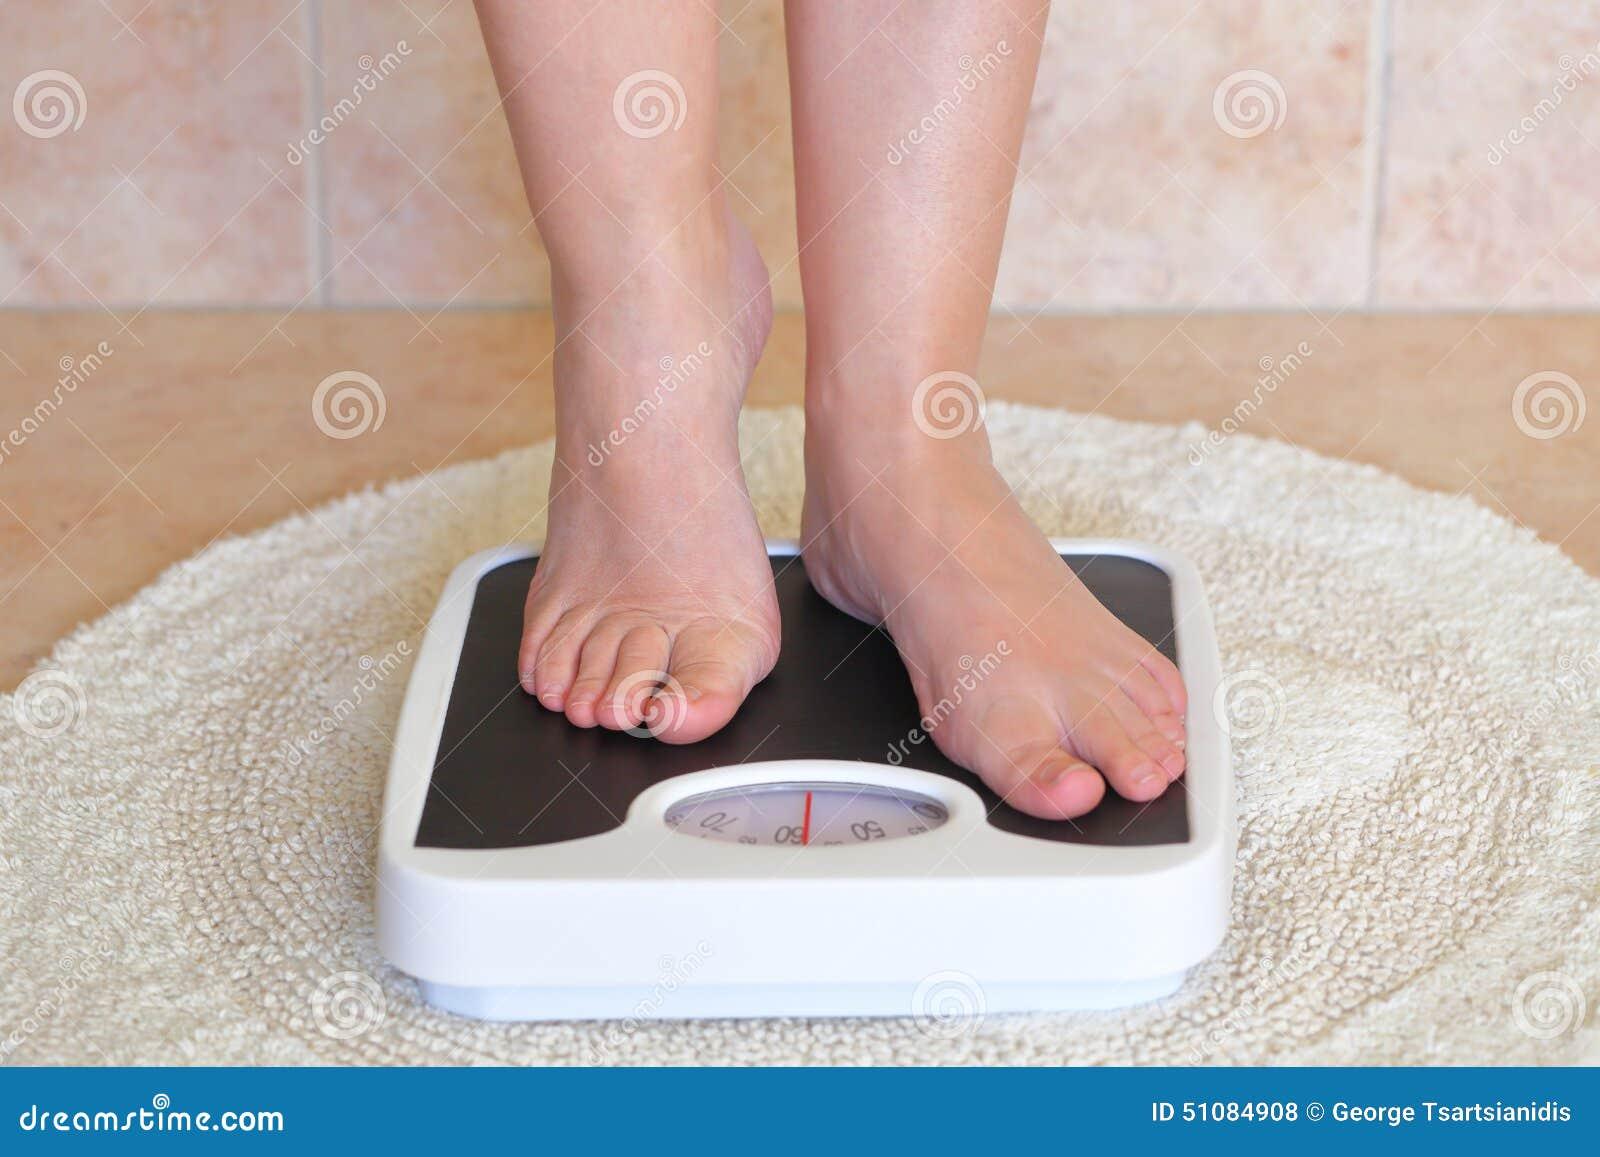 Feet On A Bathroom Scale Vector Illustration